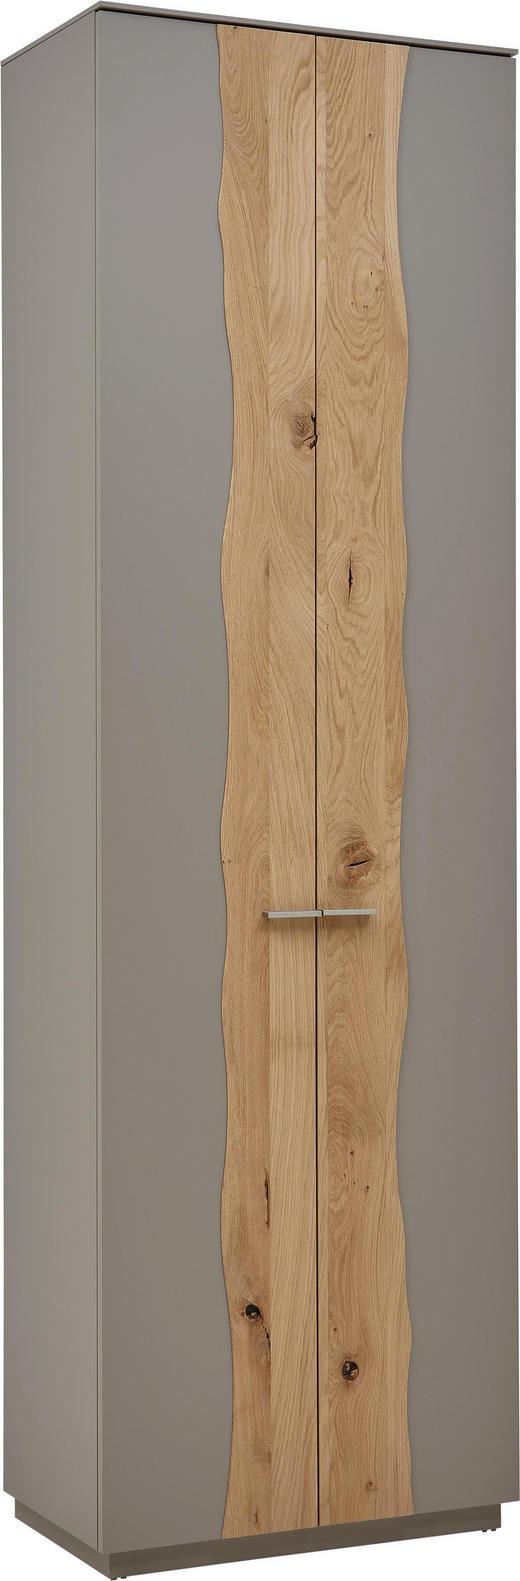 GARDEROBENSCHRANK Wildeiche massiv lackiert Fango, Naturfarben - Fango/Edelstahlfarben, Design, Holz/Metall (61/200/36cm) - Dieter Knoll